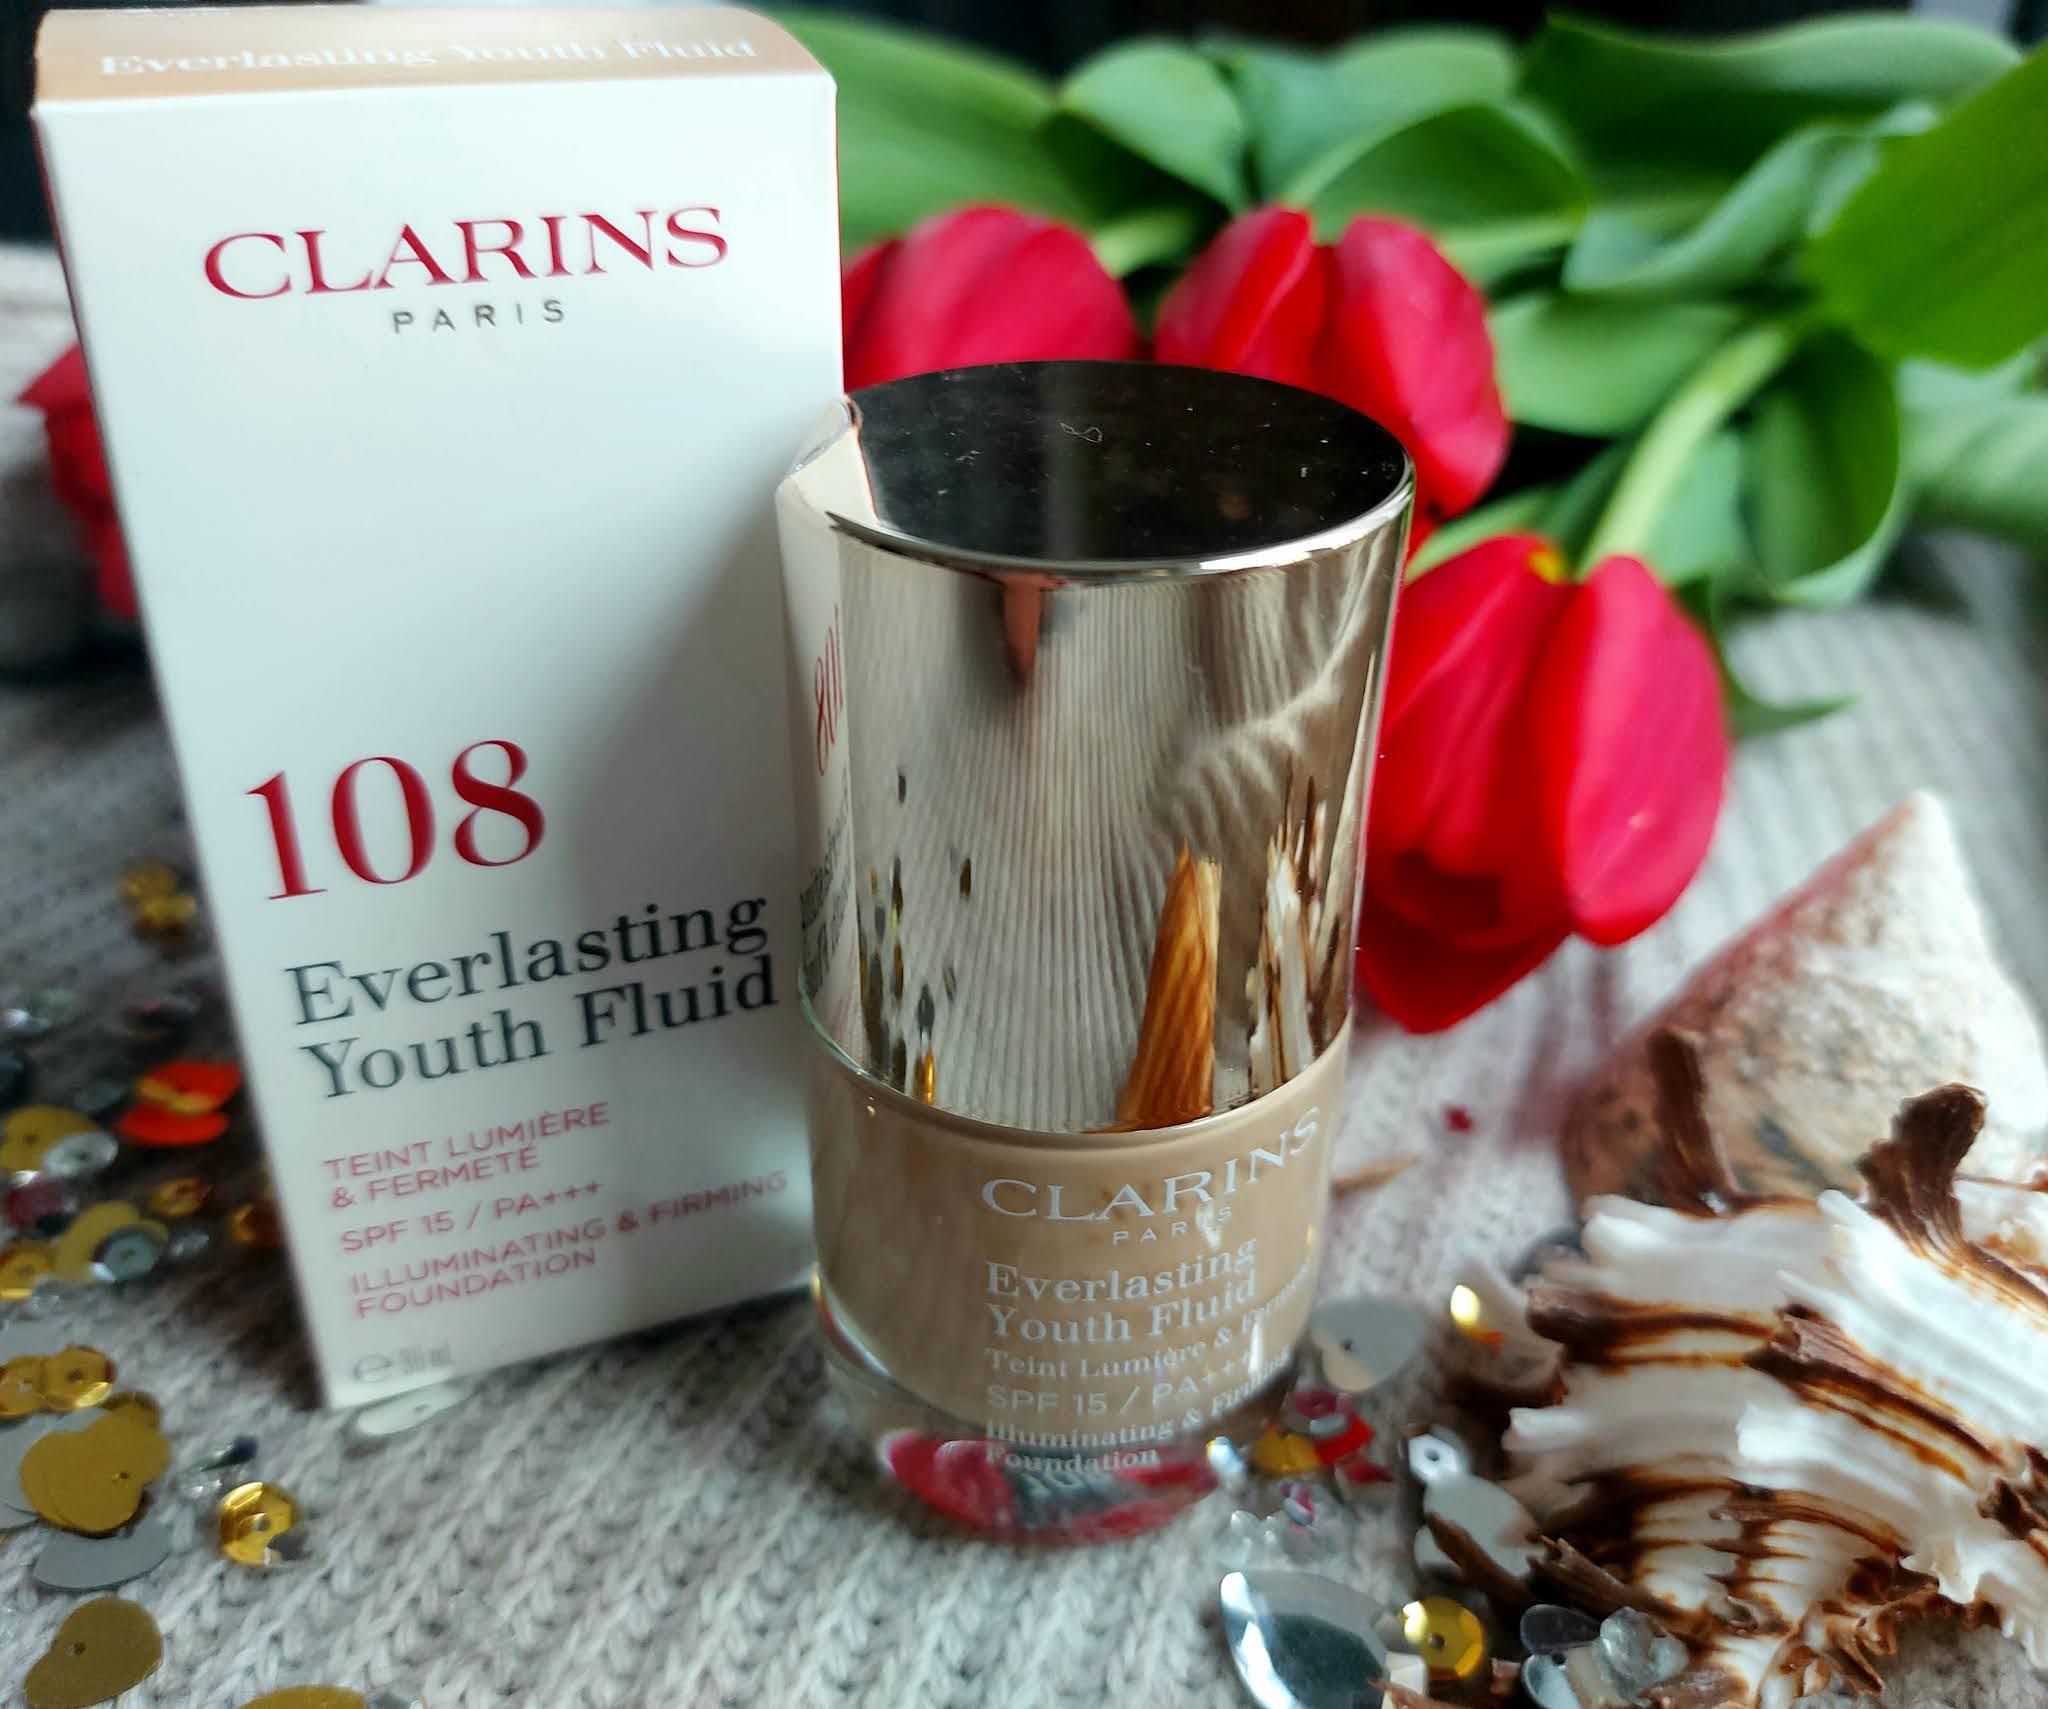 Clarins Everlasting Youth Fluid - najlepszy podklad dla cery dojrzalej? Aneta Lason Beauty Talks